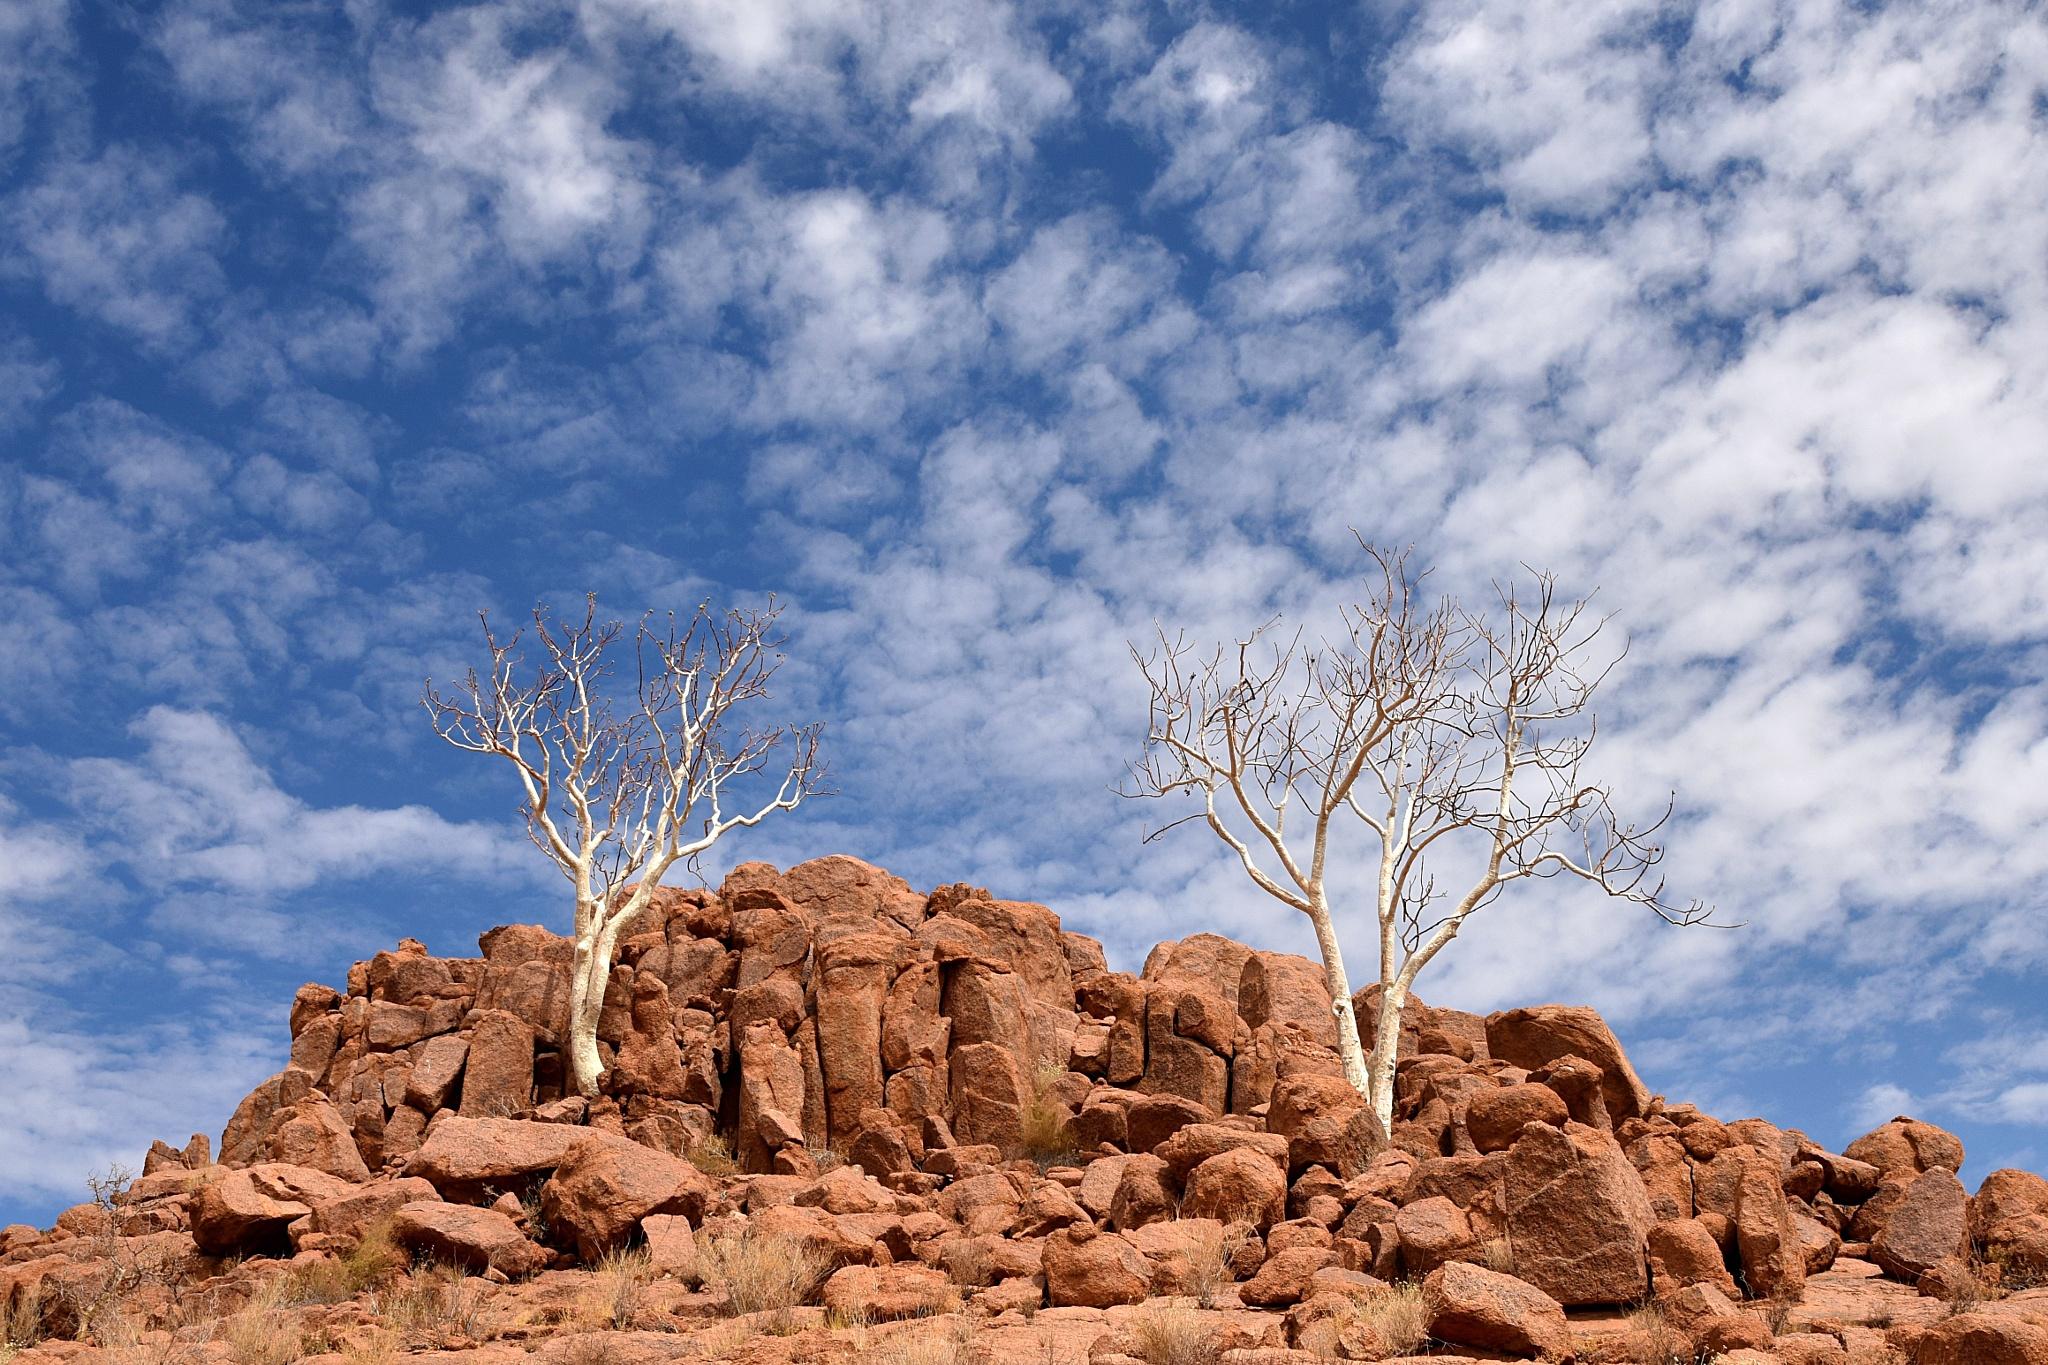 Desert Solitude by craig.gissing